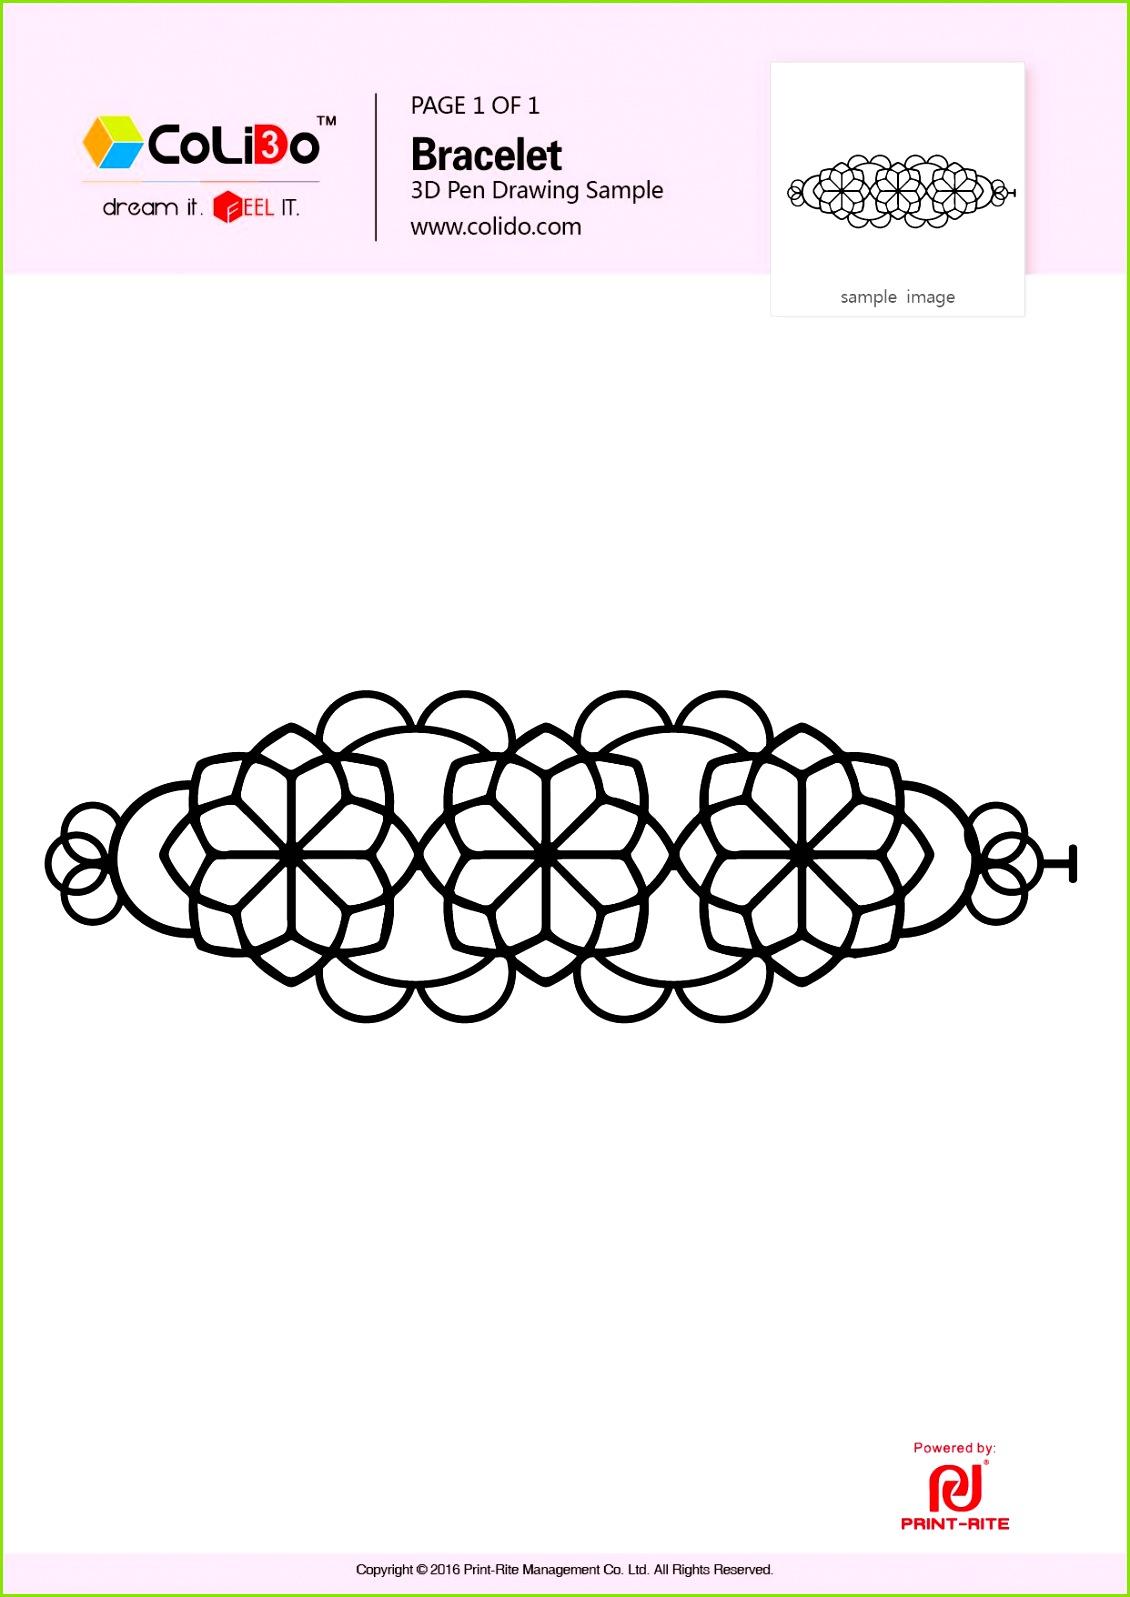 Pin od použvateľa Marian Smolec na nástenke 3D pen stencils